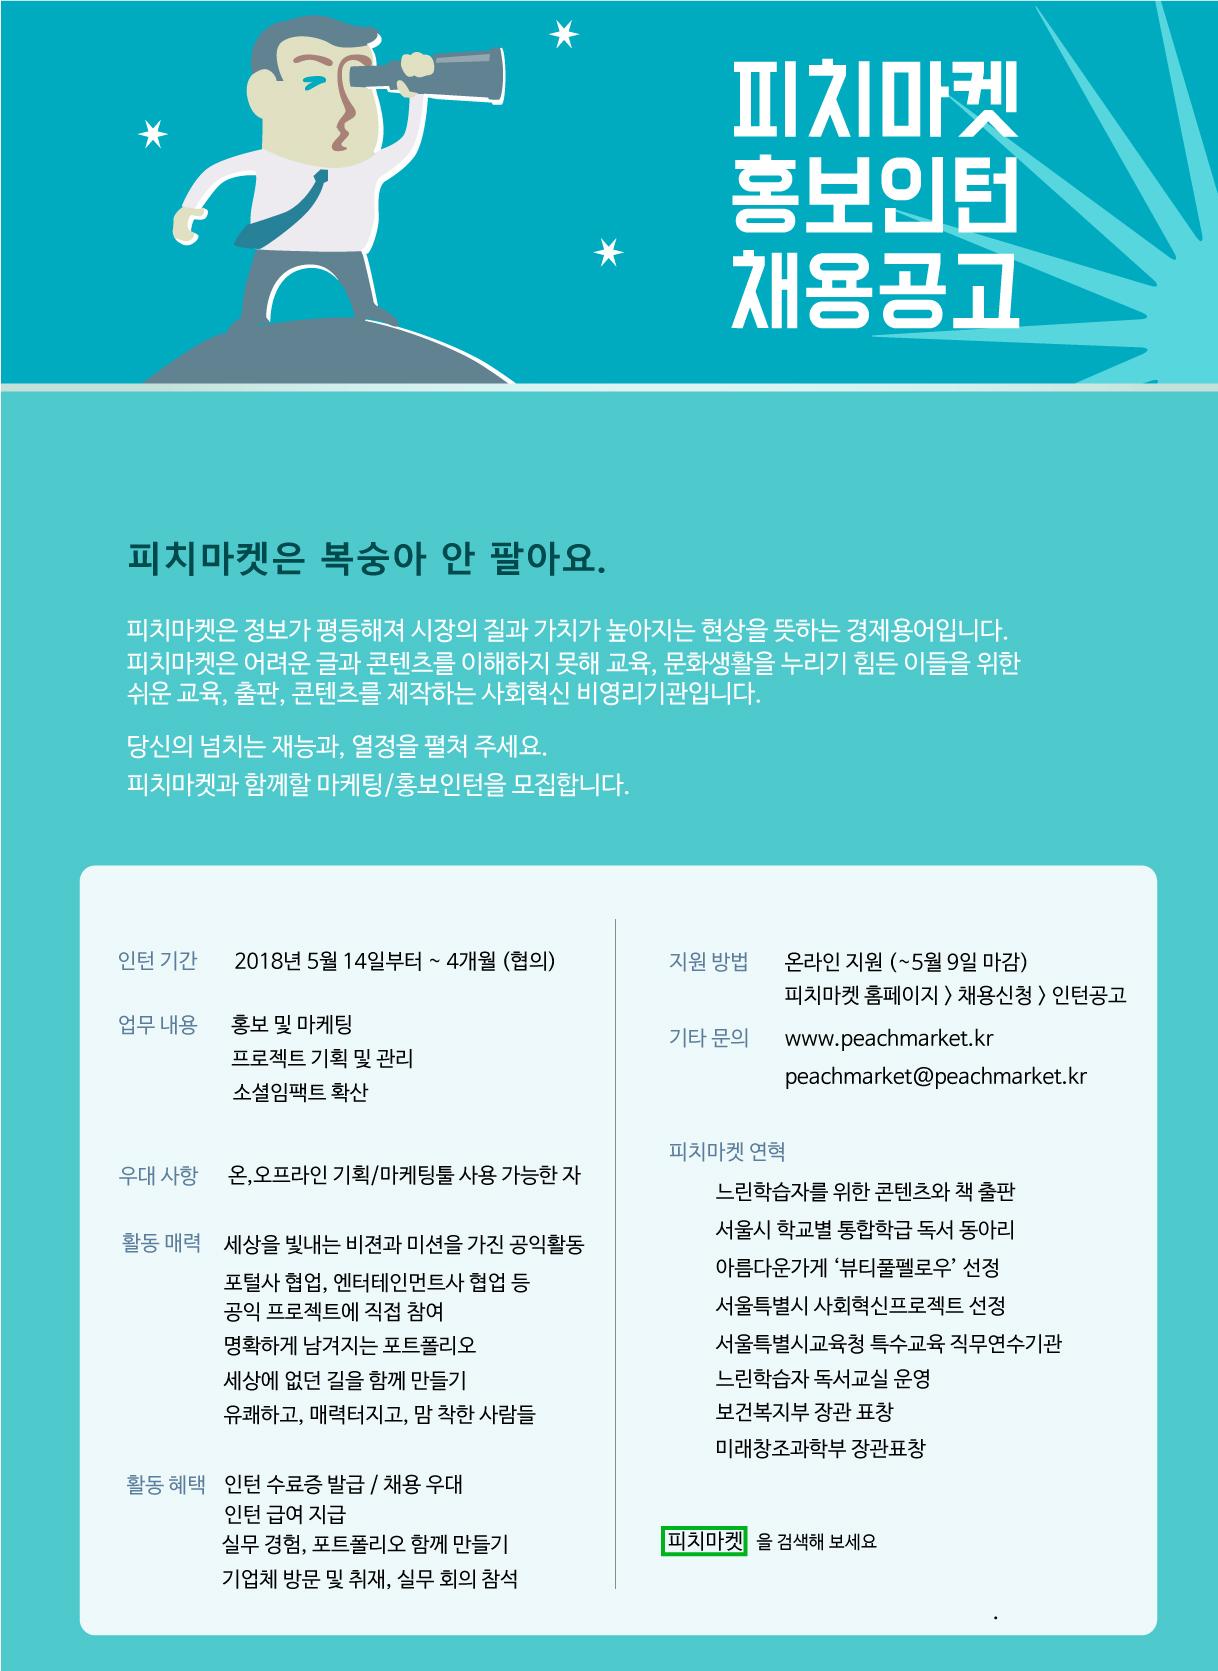 [피치마켓] 콘텐츠를 알리고, 대국민 프로젝트에 참여하는 공익법인 마케팅&홍보인턴 모집(~5.9)